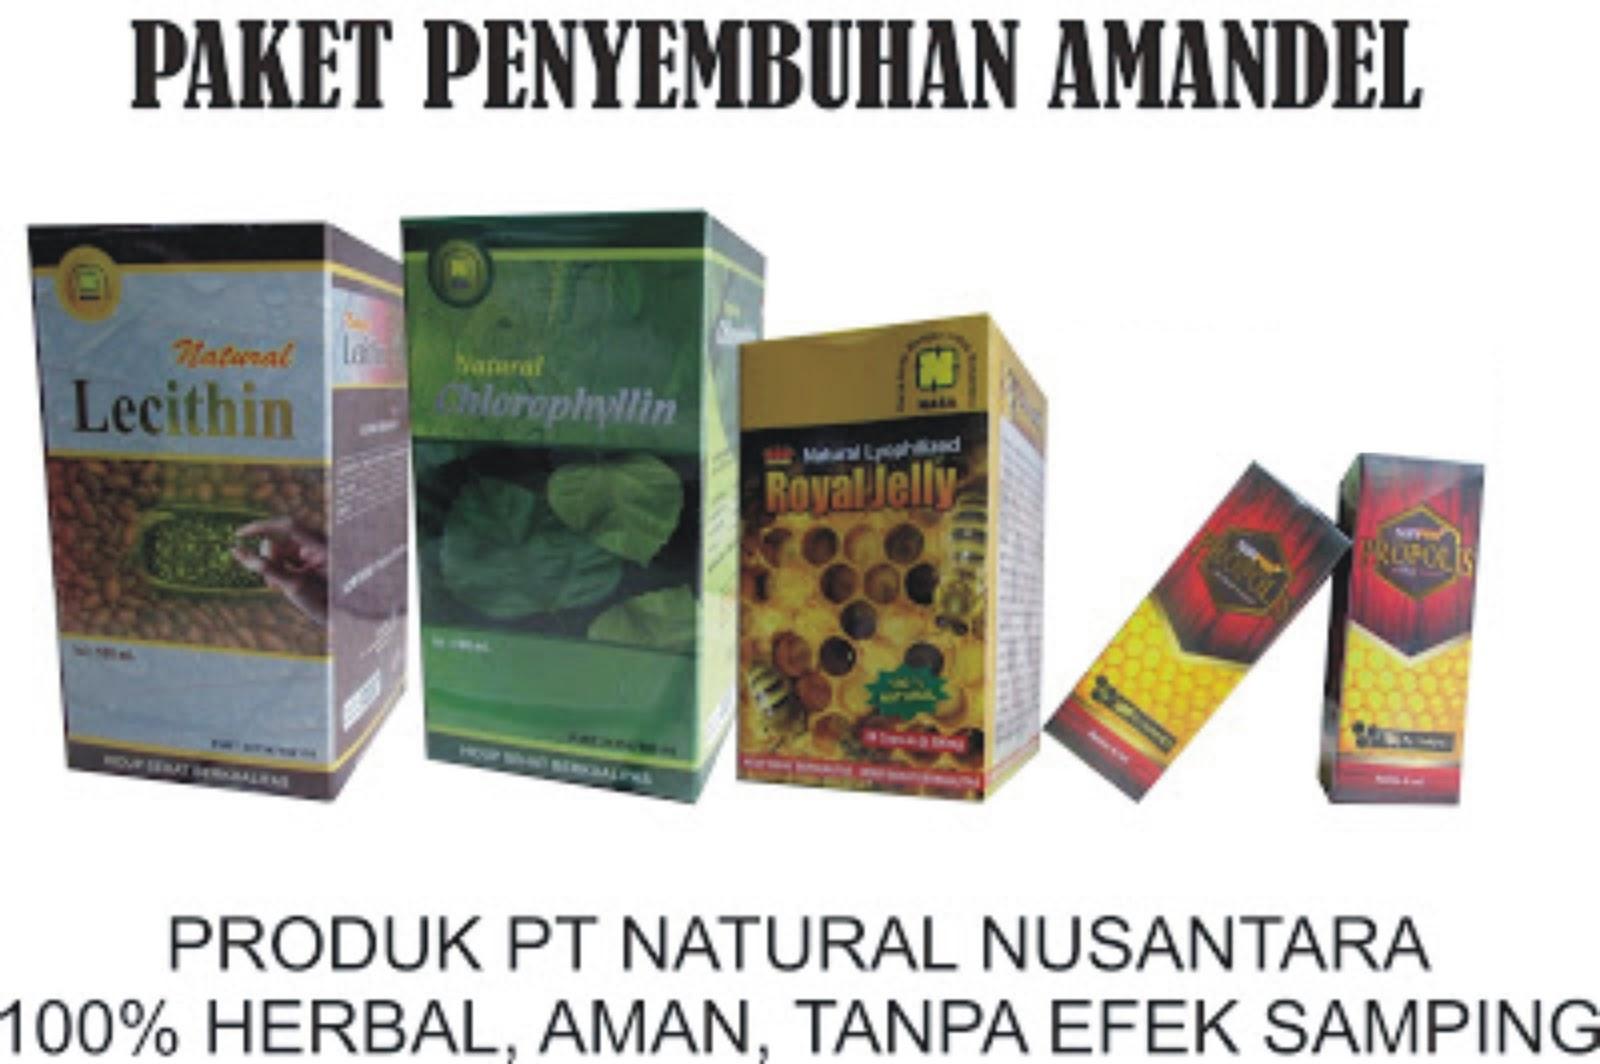 Paket Penyembuhan Amandel Nasa Natural Nusantara Sunpro Super Nano Propolis Sejatinya Merupakan Organ Pada Rongga Mulut Yang Berfungsi Untuk Mengontrol Supaya Tidak Ada Kuman Masuk Melalui